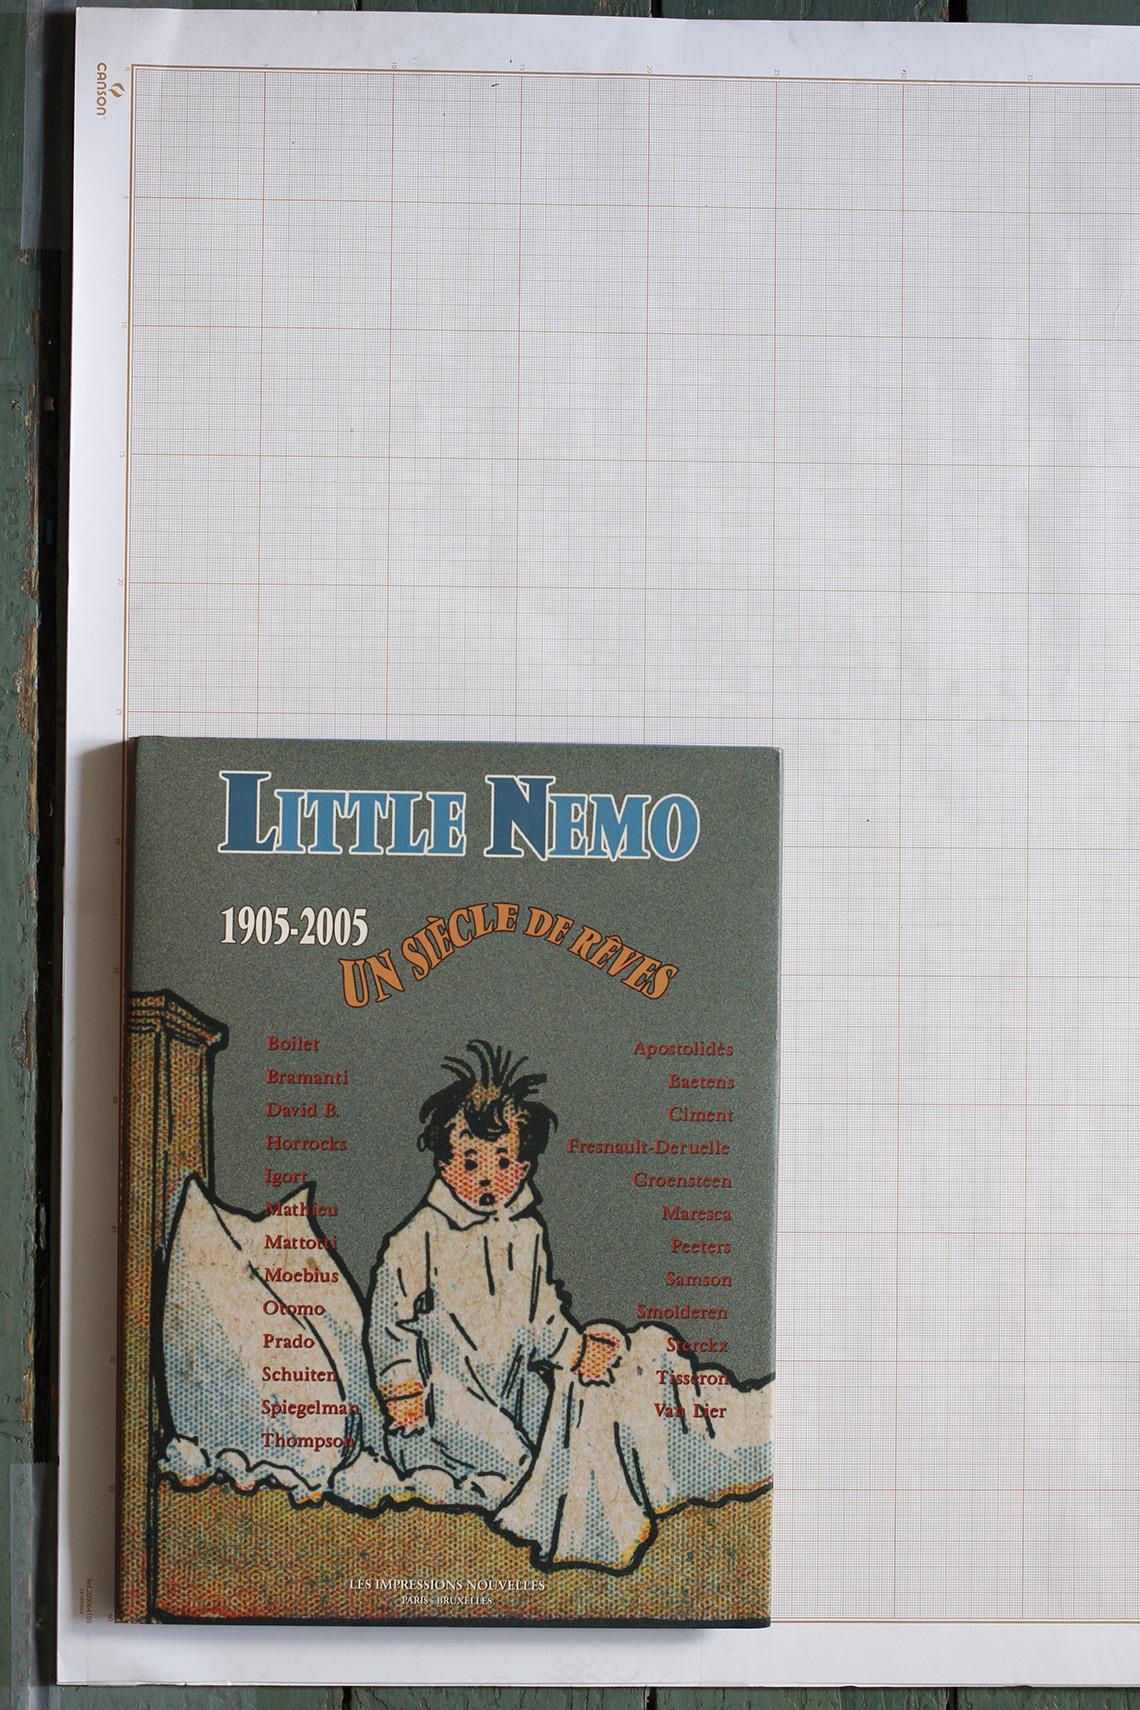 Little Némo. 1905-2005. Un siècle de rêves, Collectif - Les Impressions Nouvelles© Maison Autrique, 2005